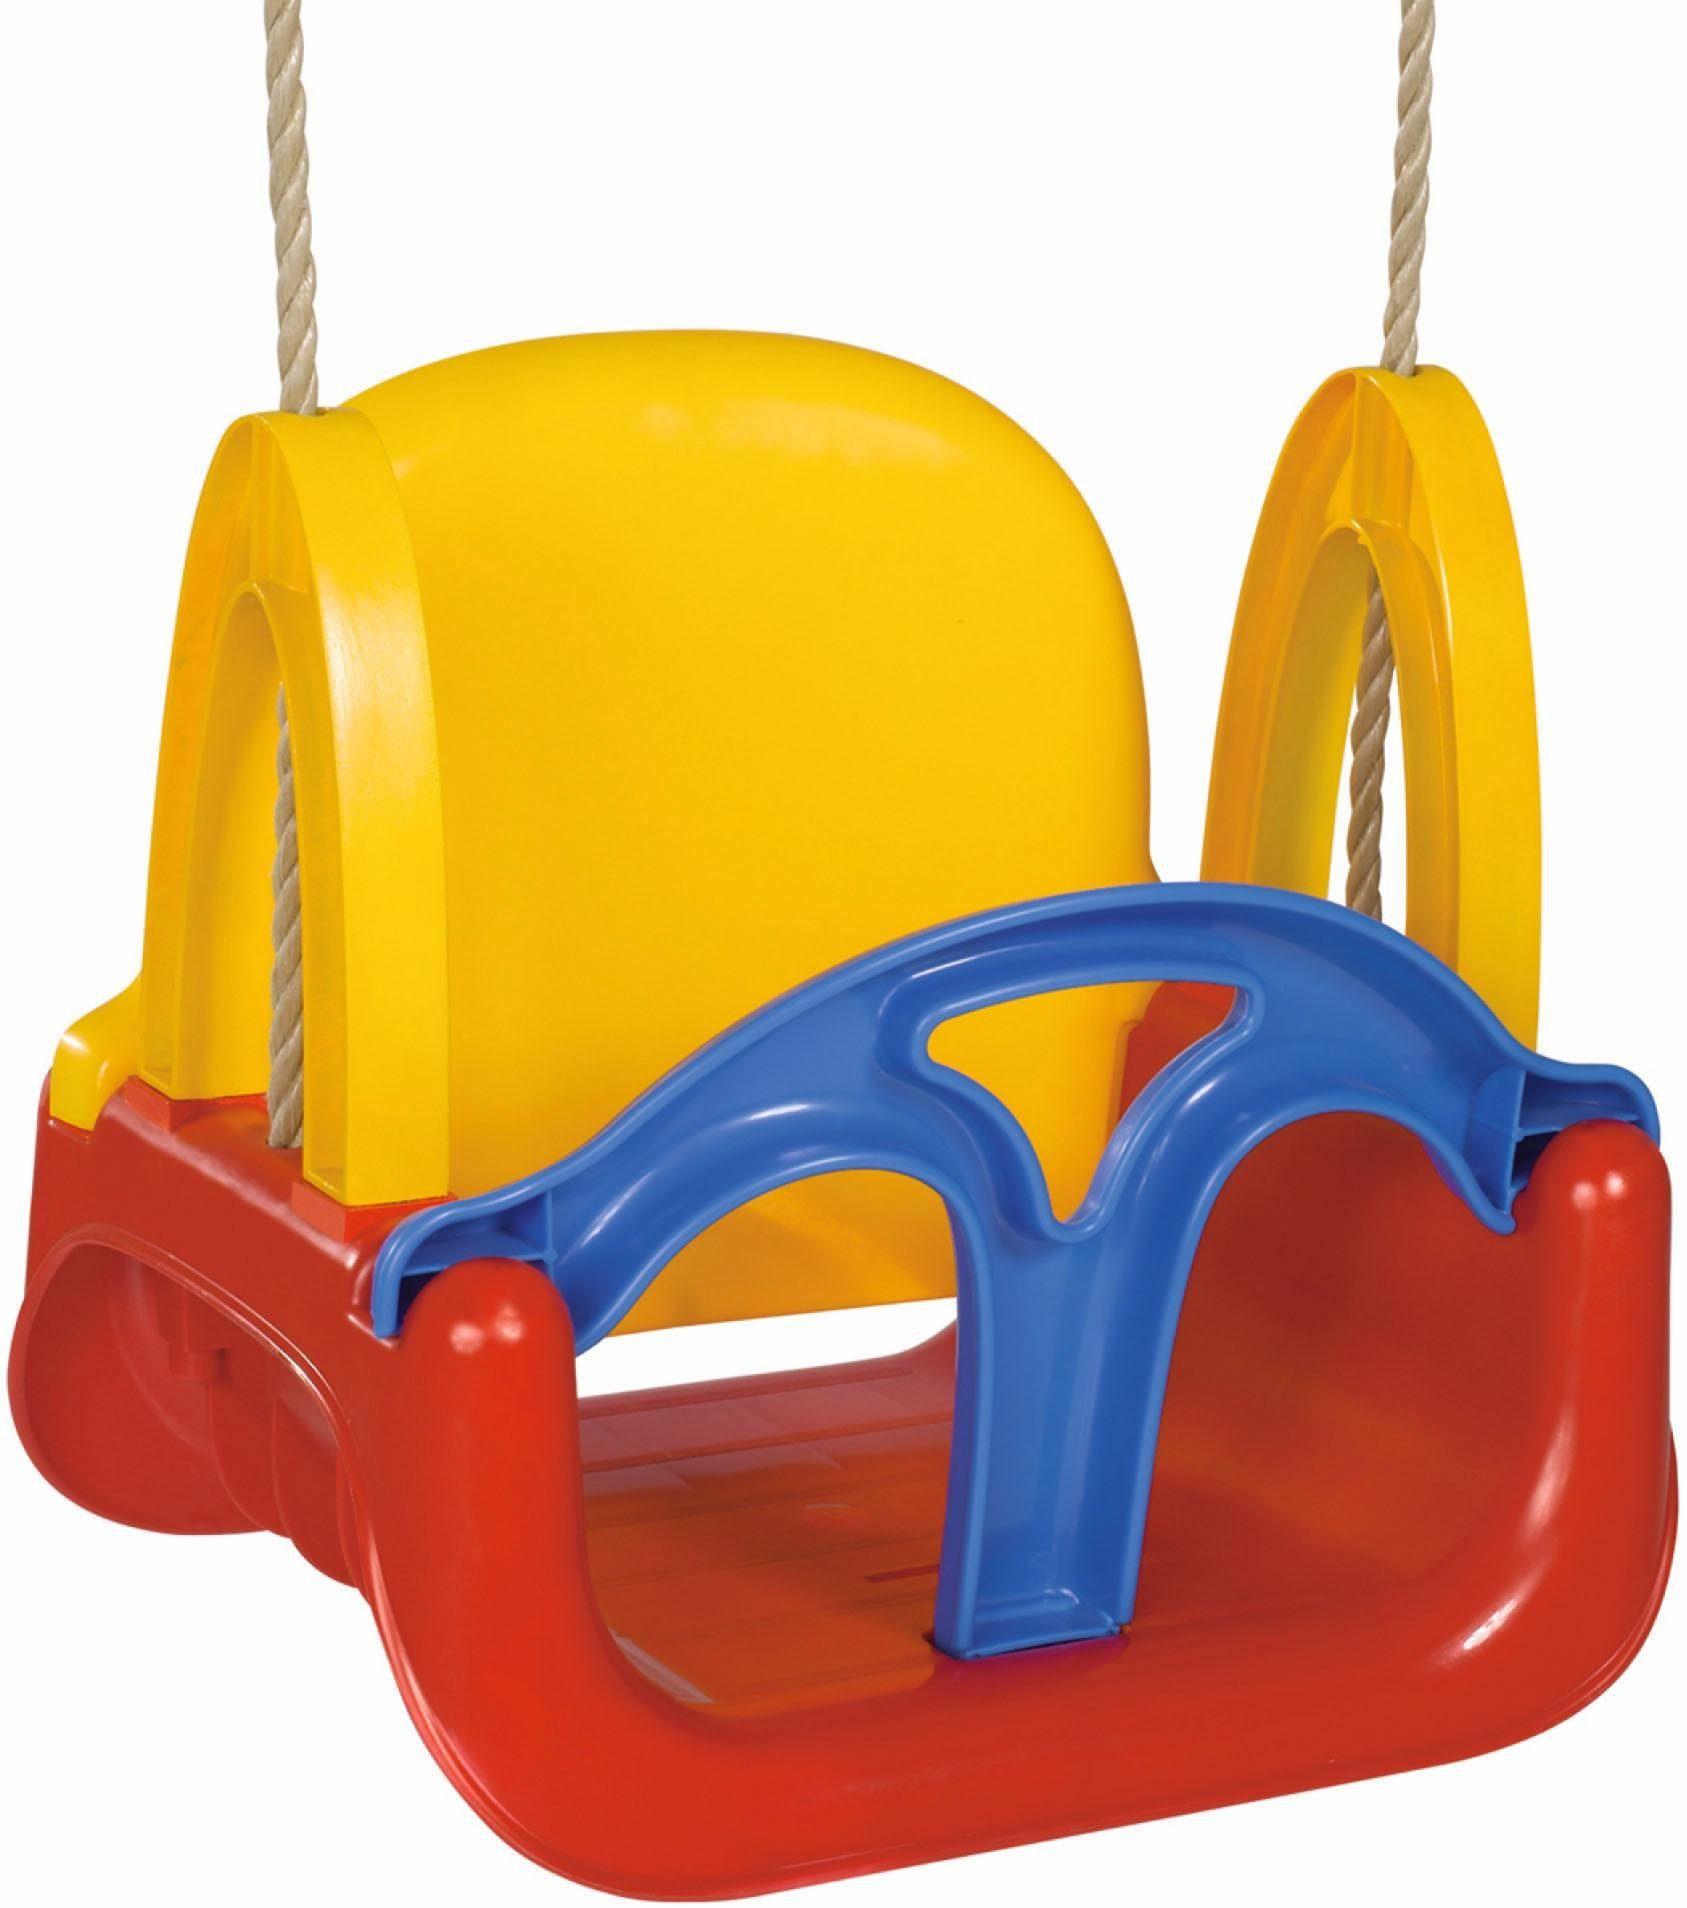 Ordentlich Schaukel online kaufen » Kinderschaukel | OTTO GO51